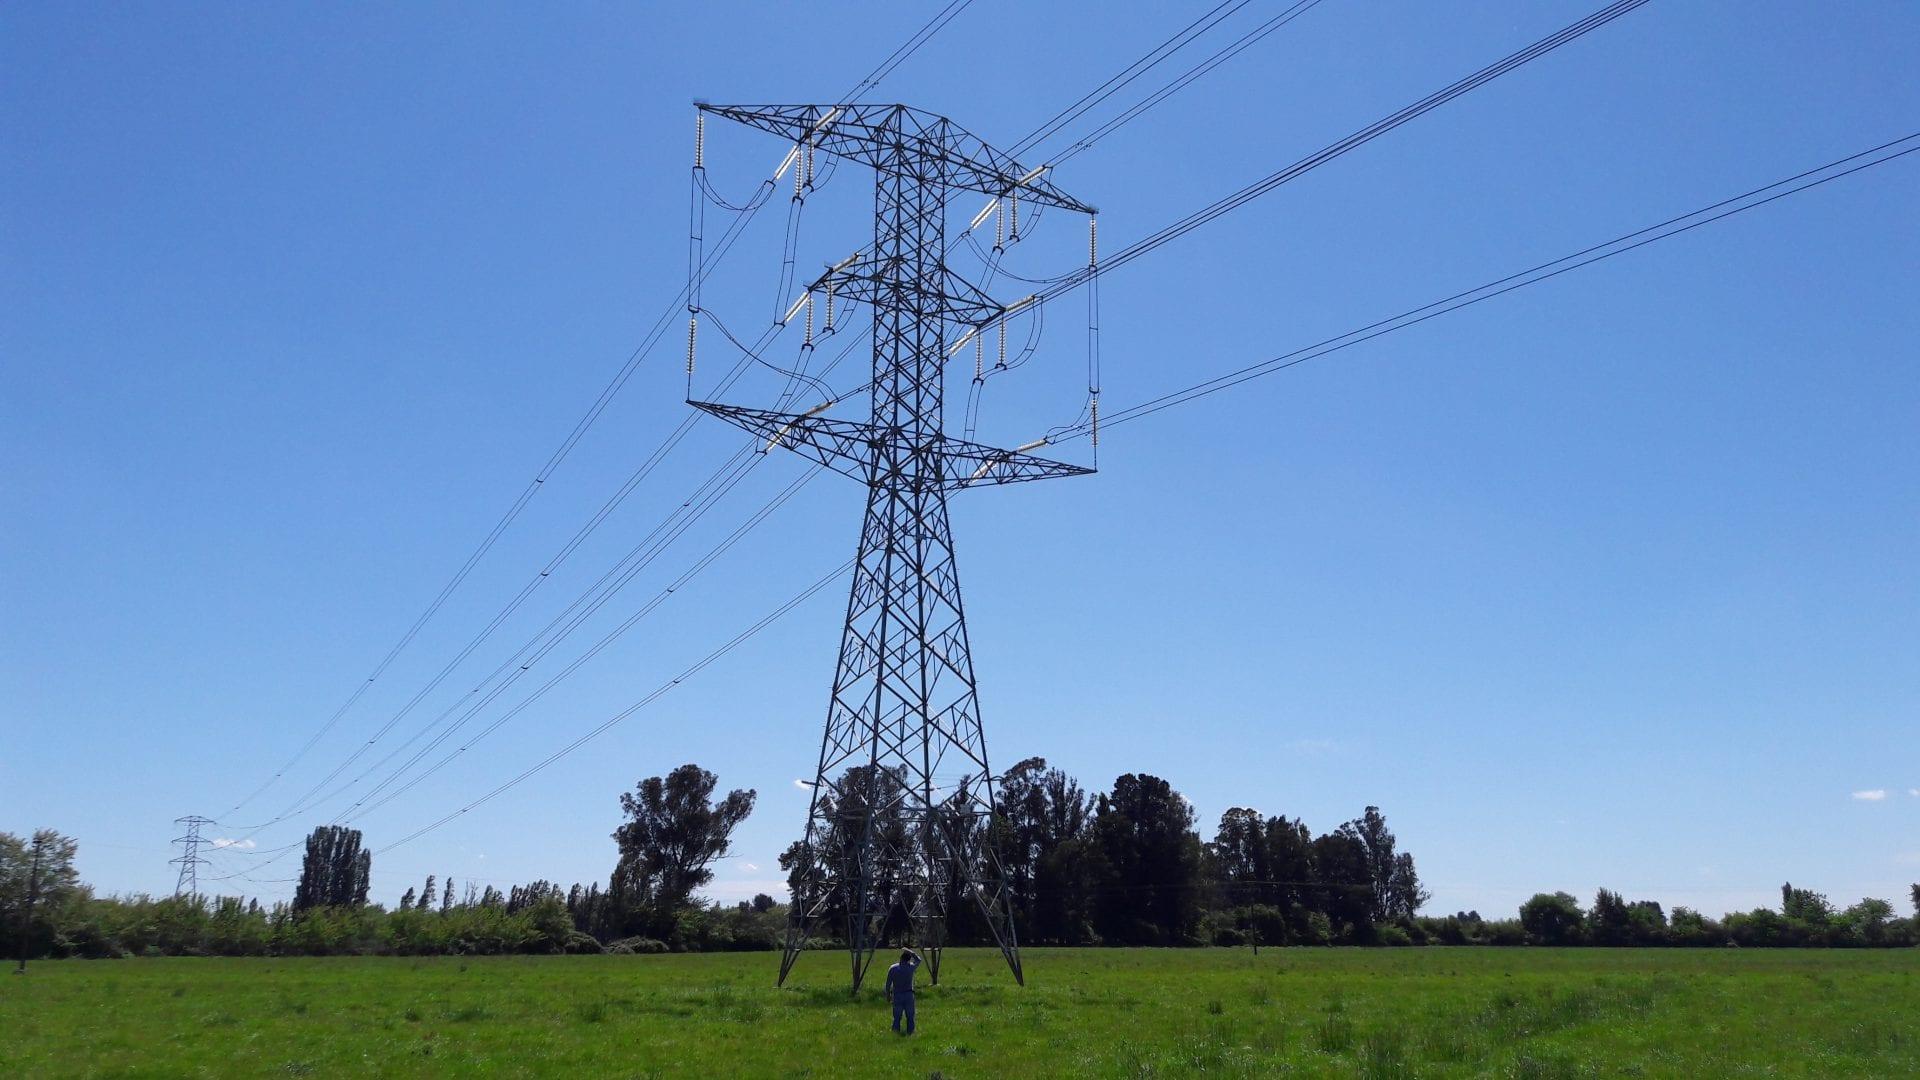 activo accesos rutas remotas localizaciones transmision electrica ferrovial innovación proyectos